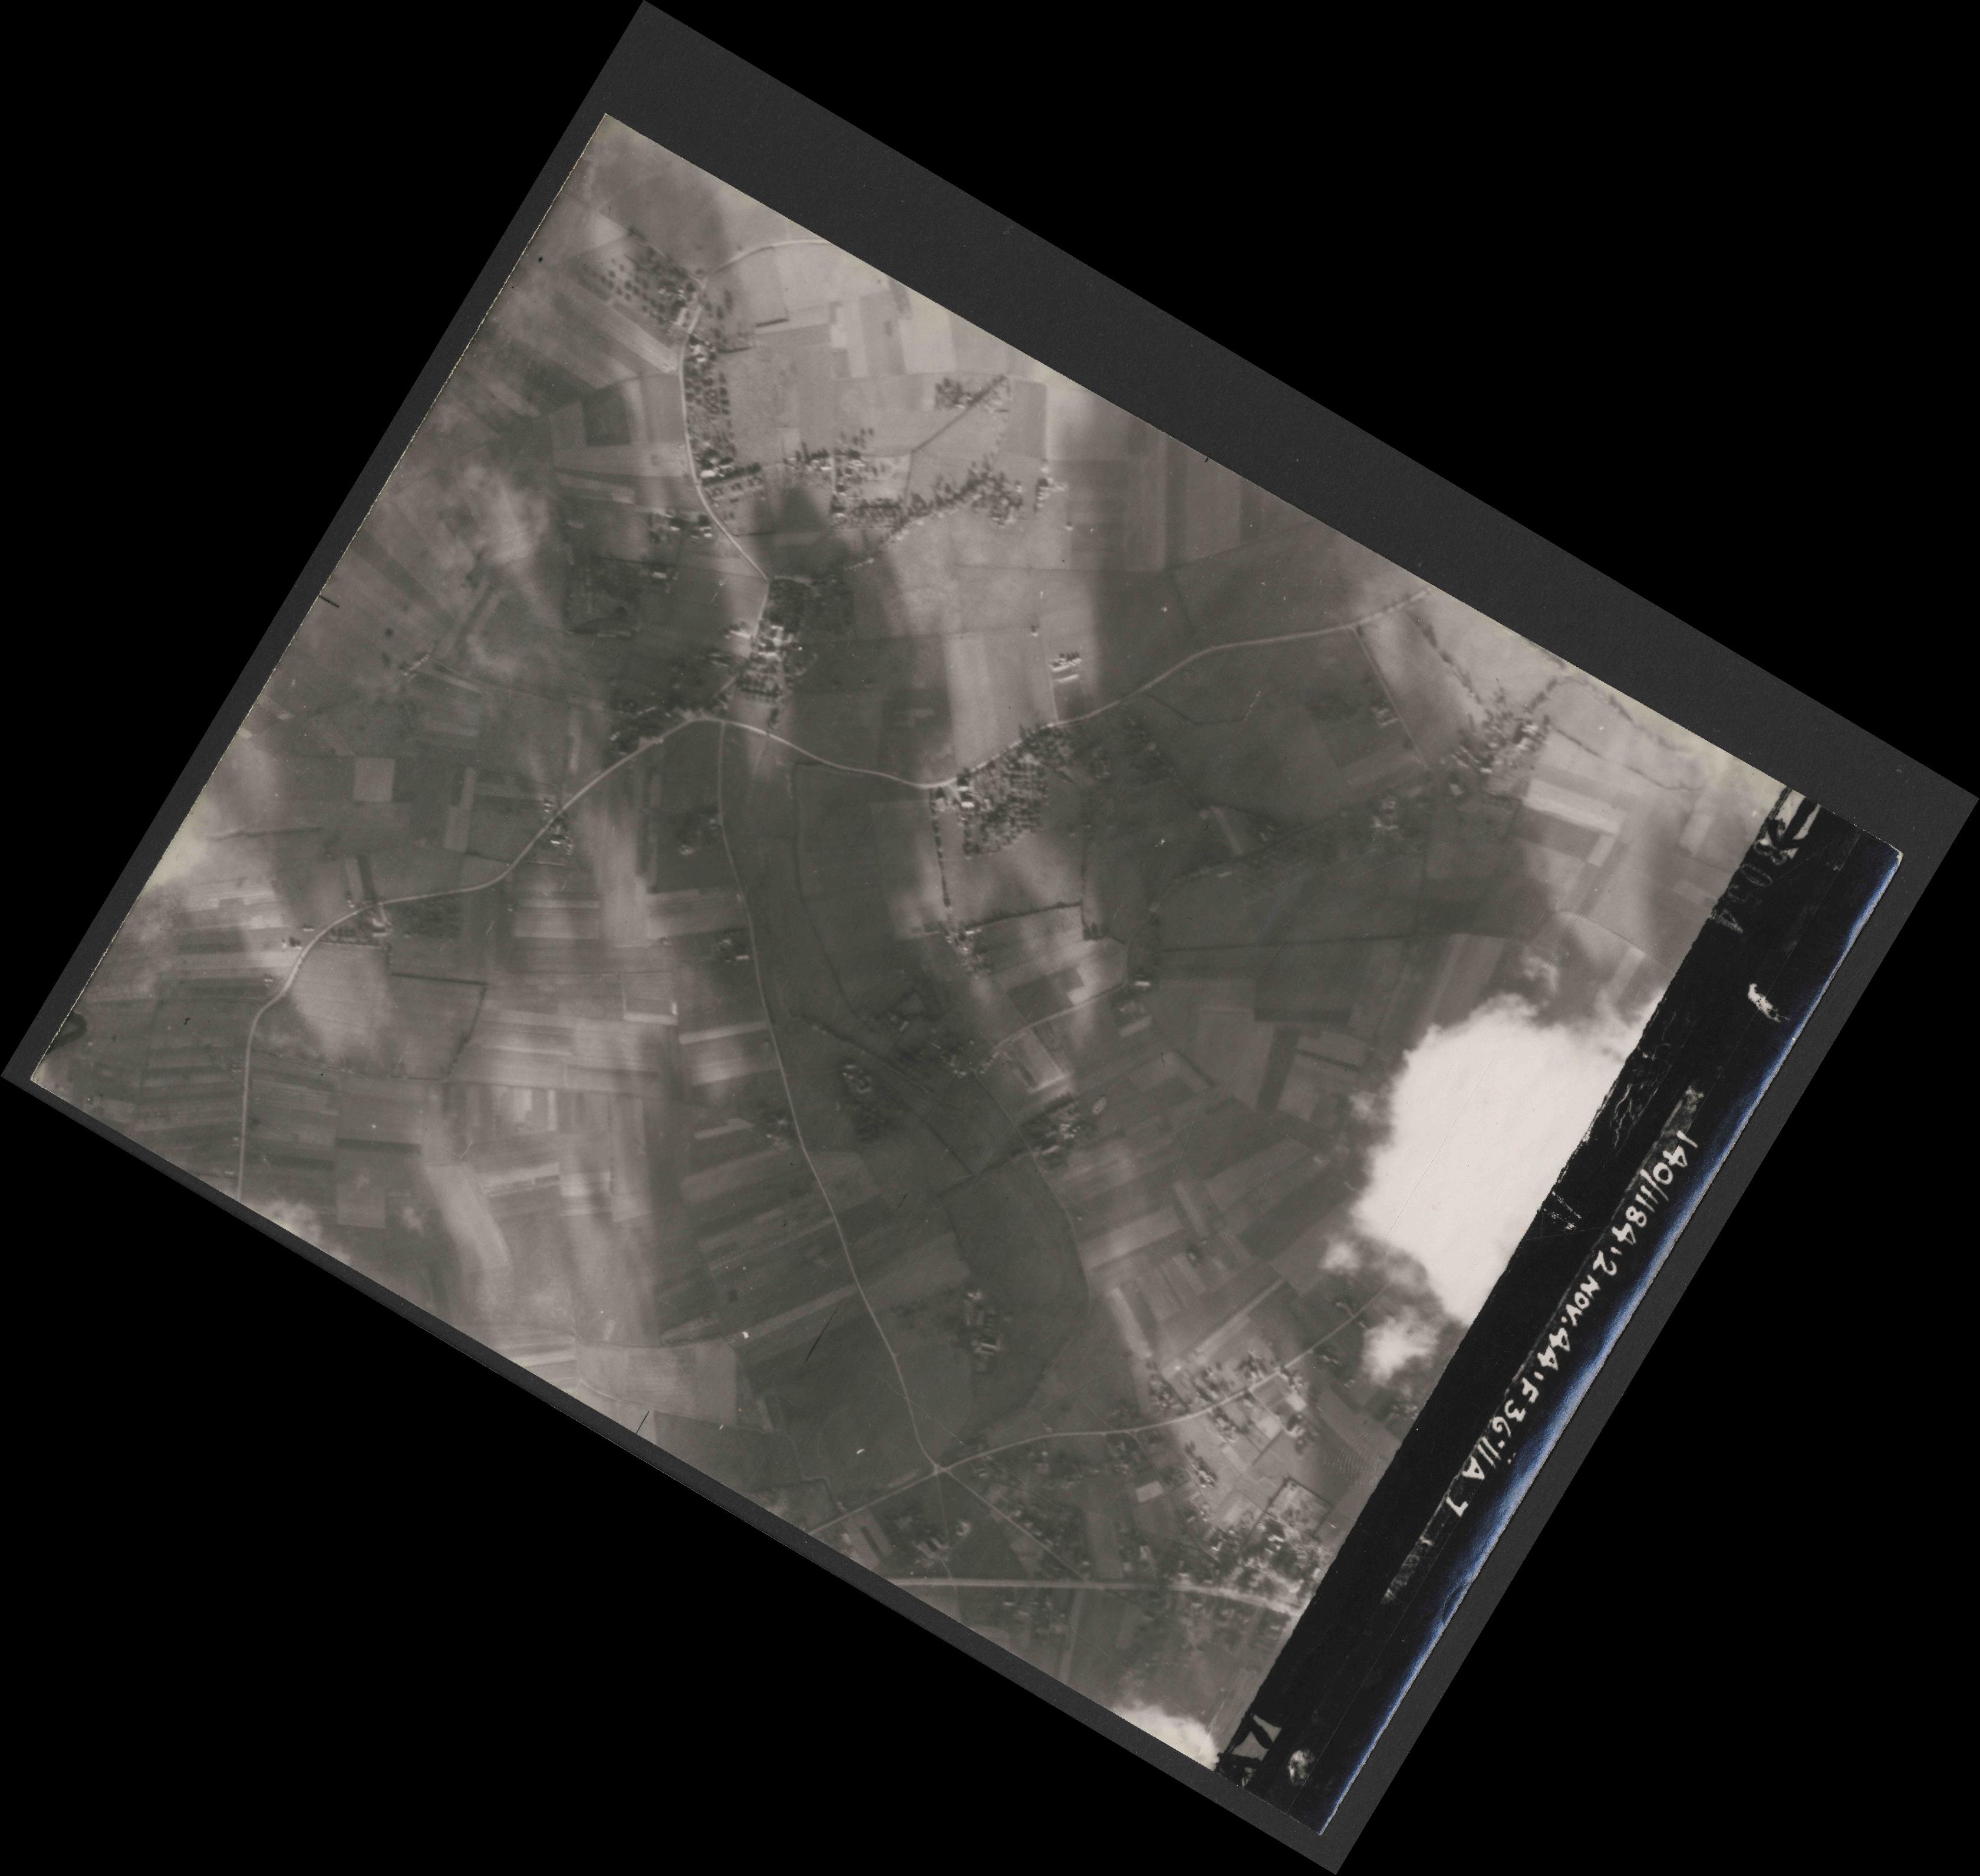 Collection RAF aerial photos 1940-1945 - flight 228, run 10, photo 3054